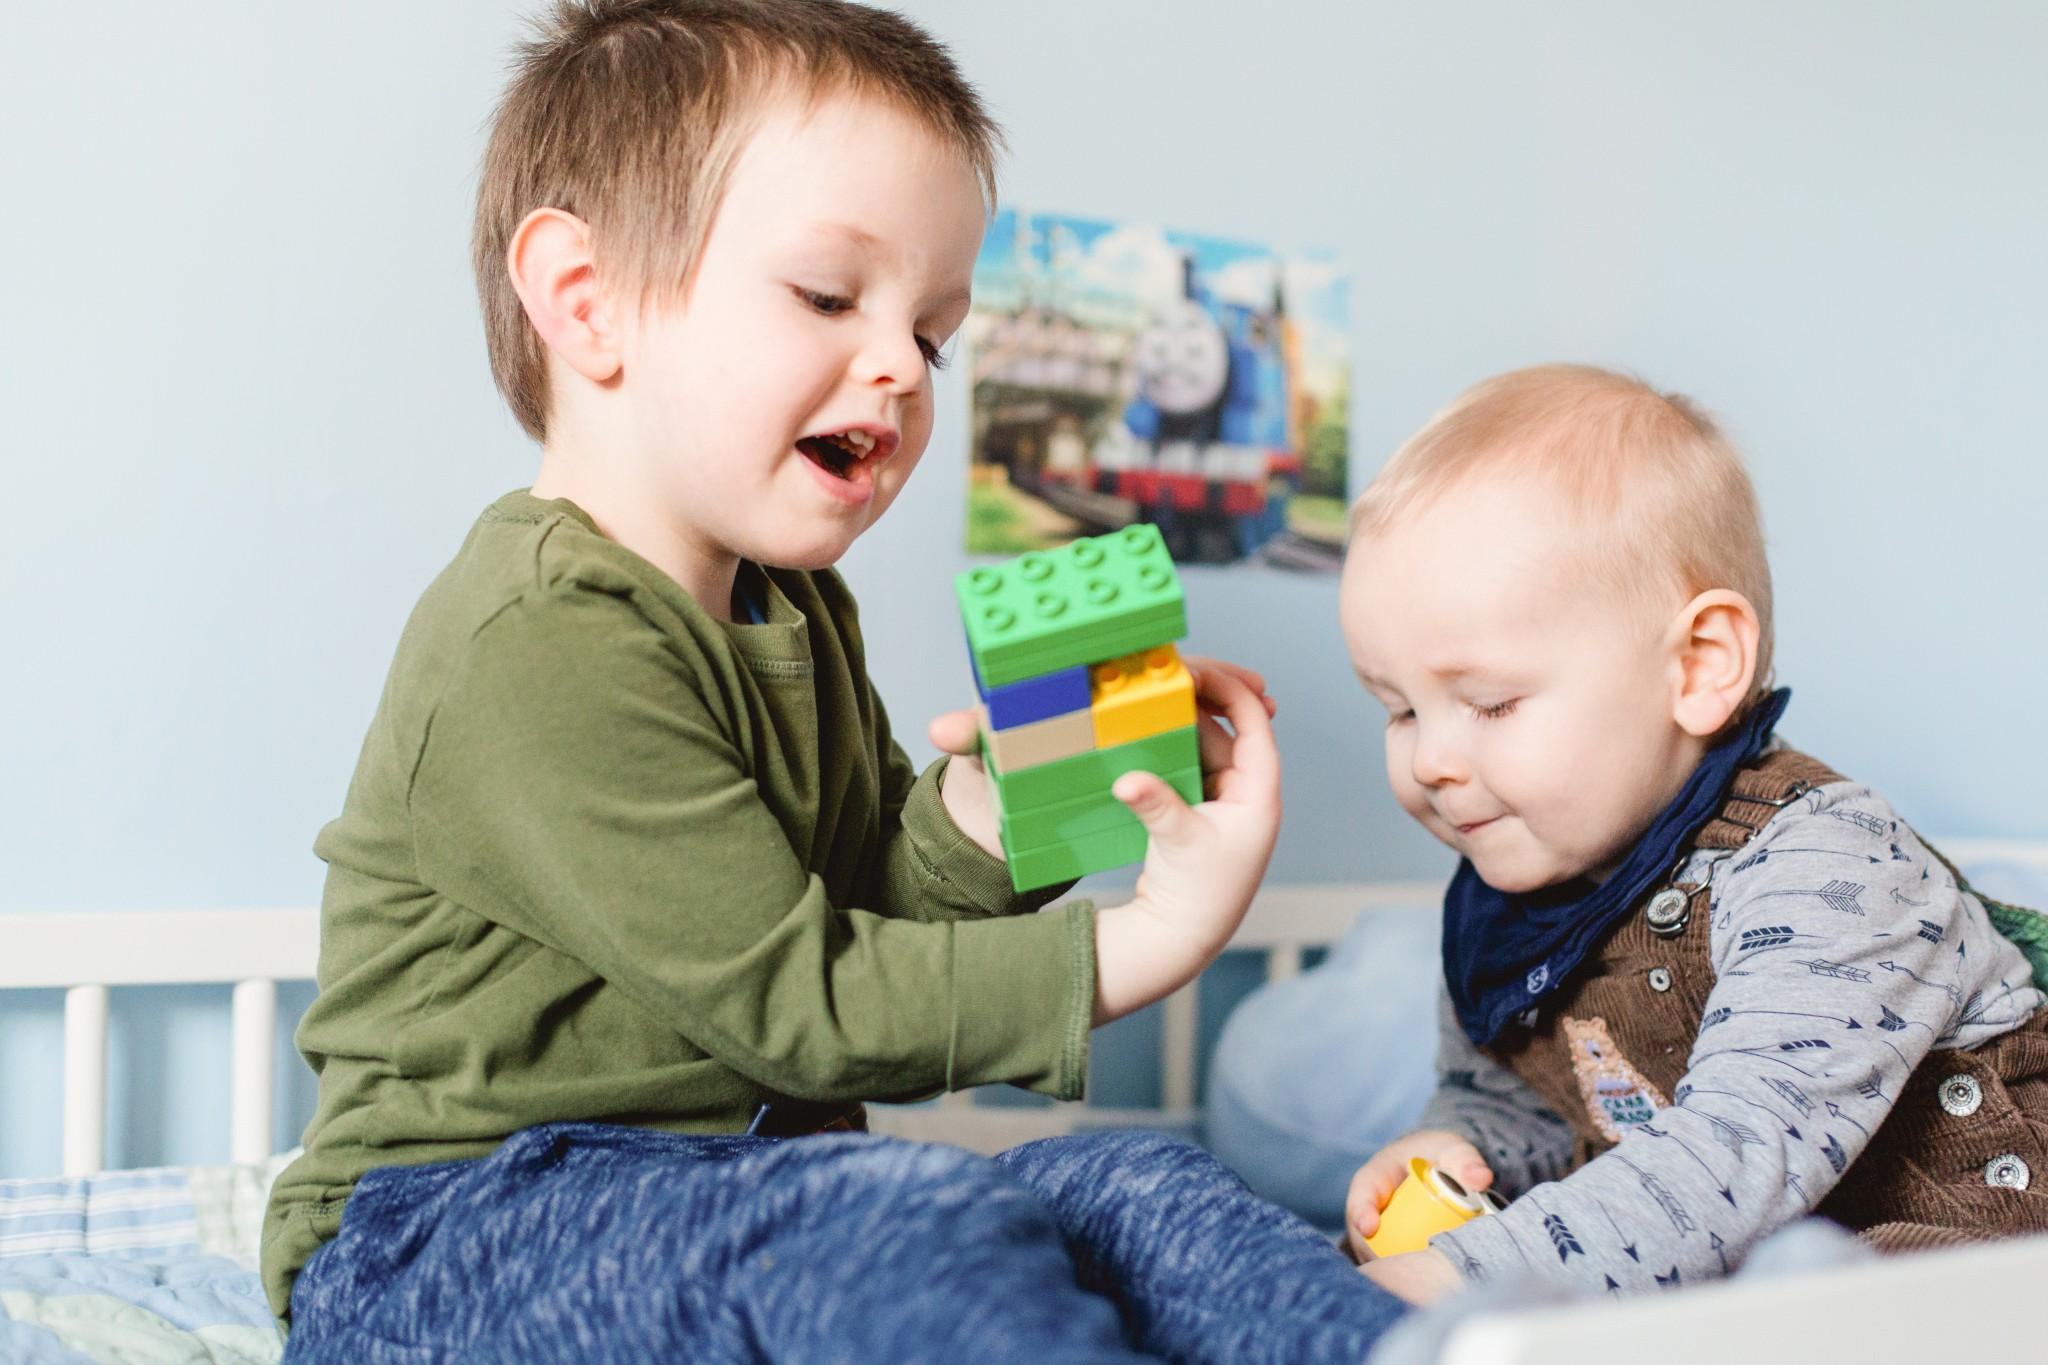 Geschwister beim Spielen im Bett des großen Bruder.